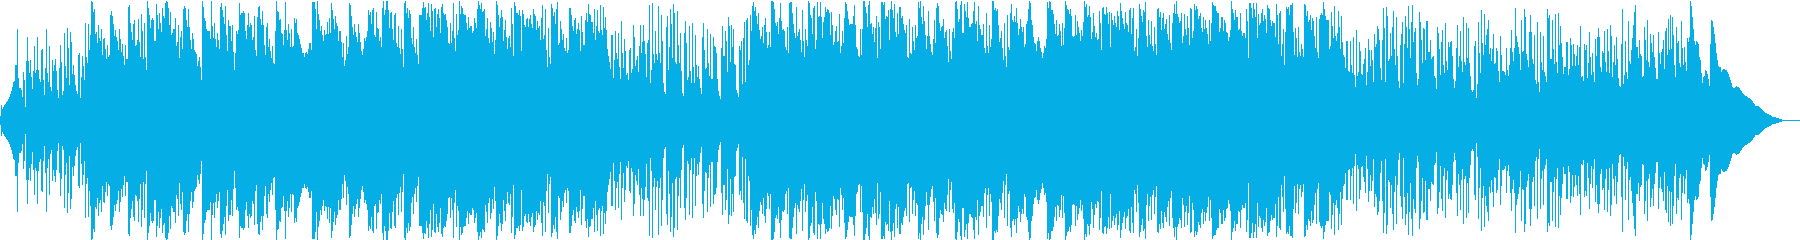 スライドギターとピアノの癒し系BGMの再生済みの波形